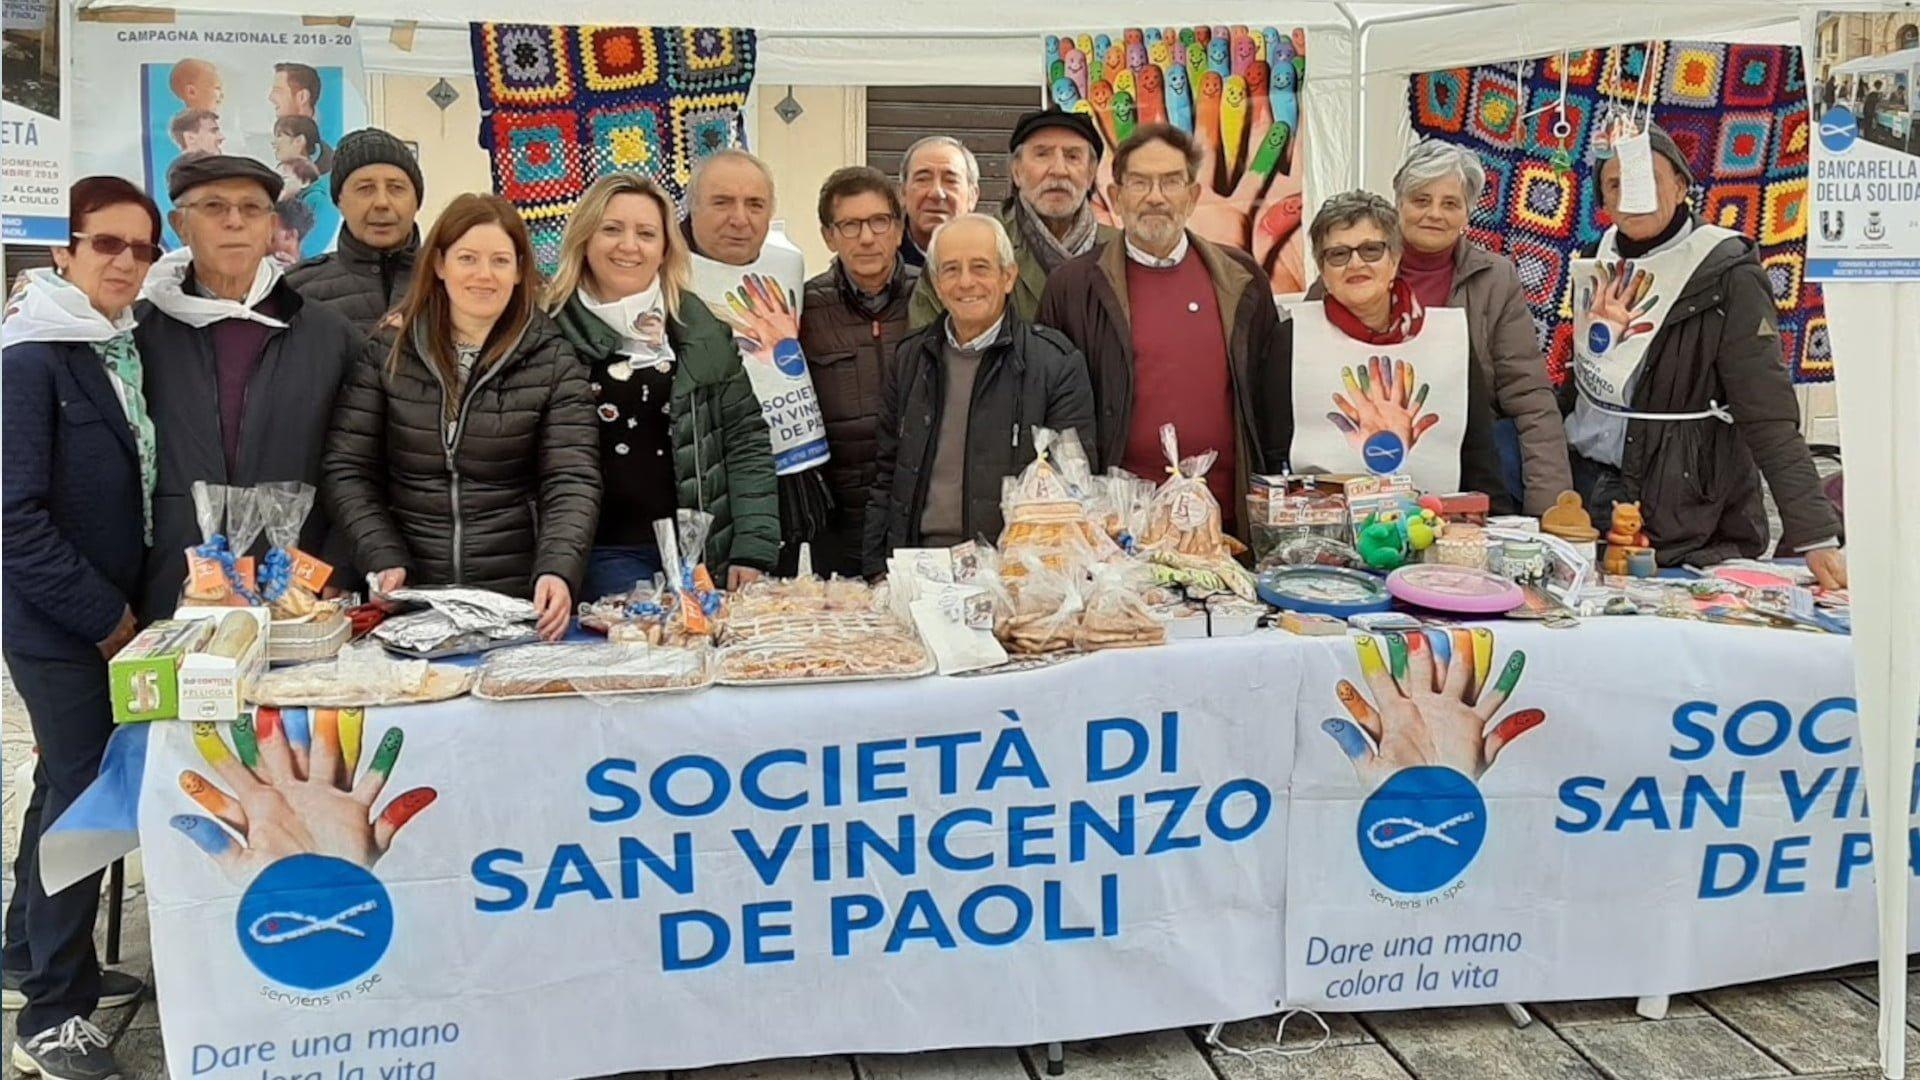 La conferenza- Società di San Vincenzo De Paoli